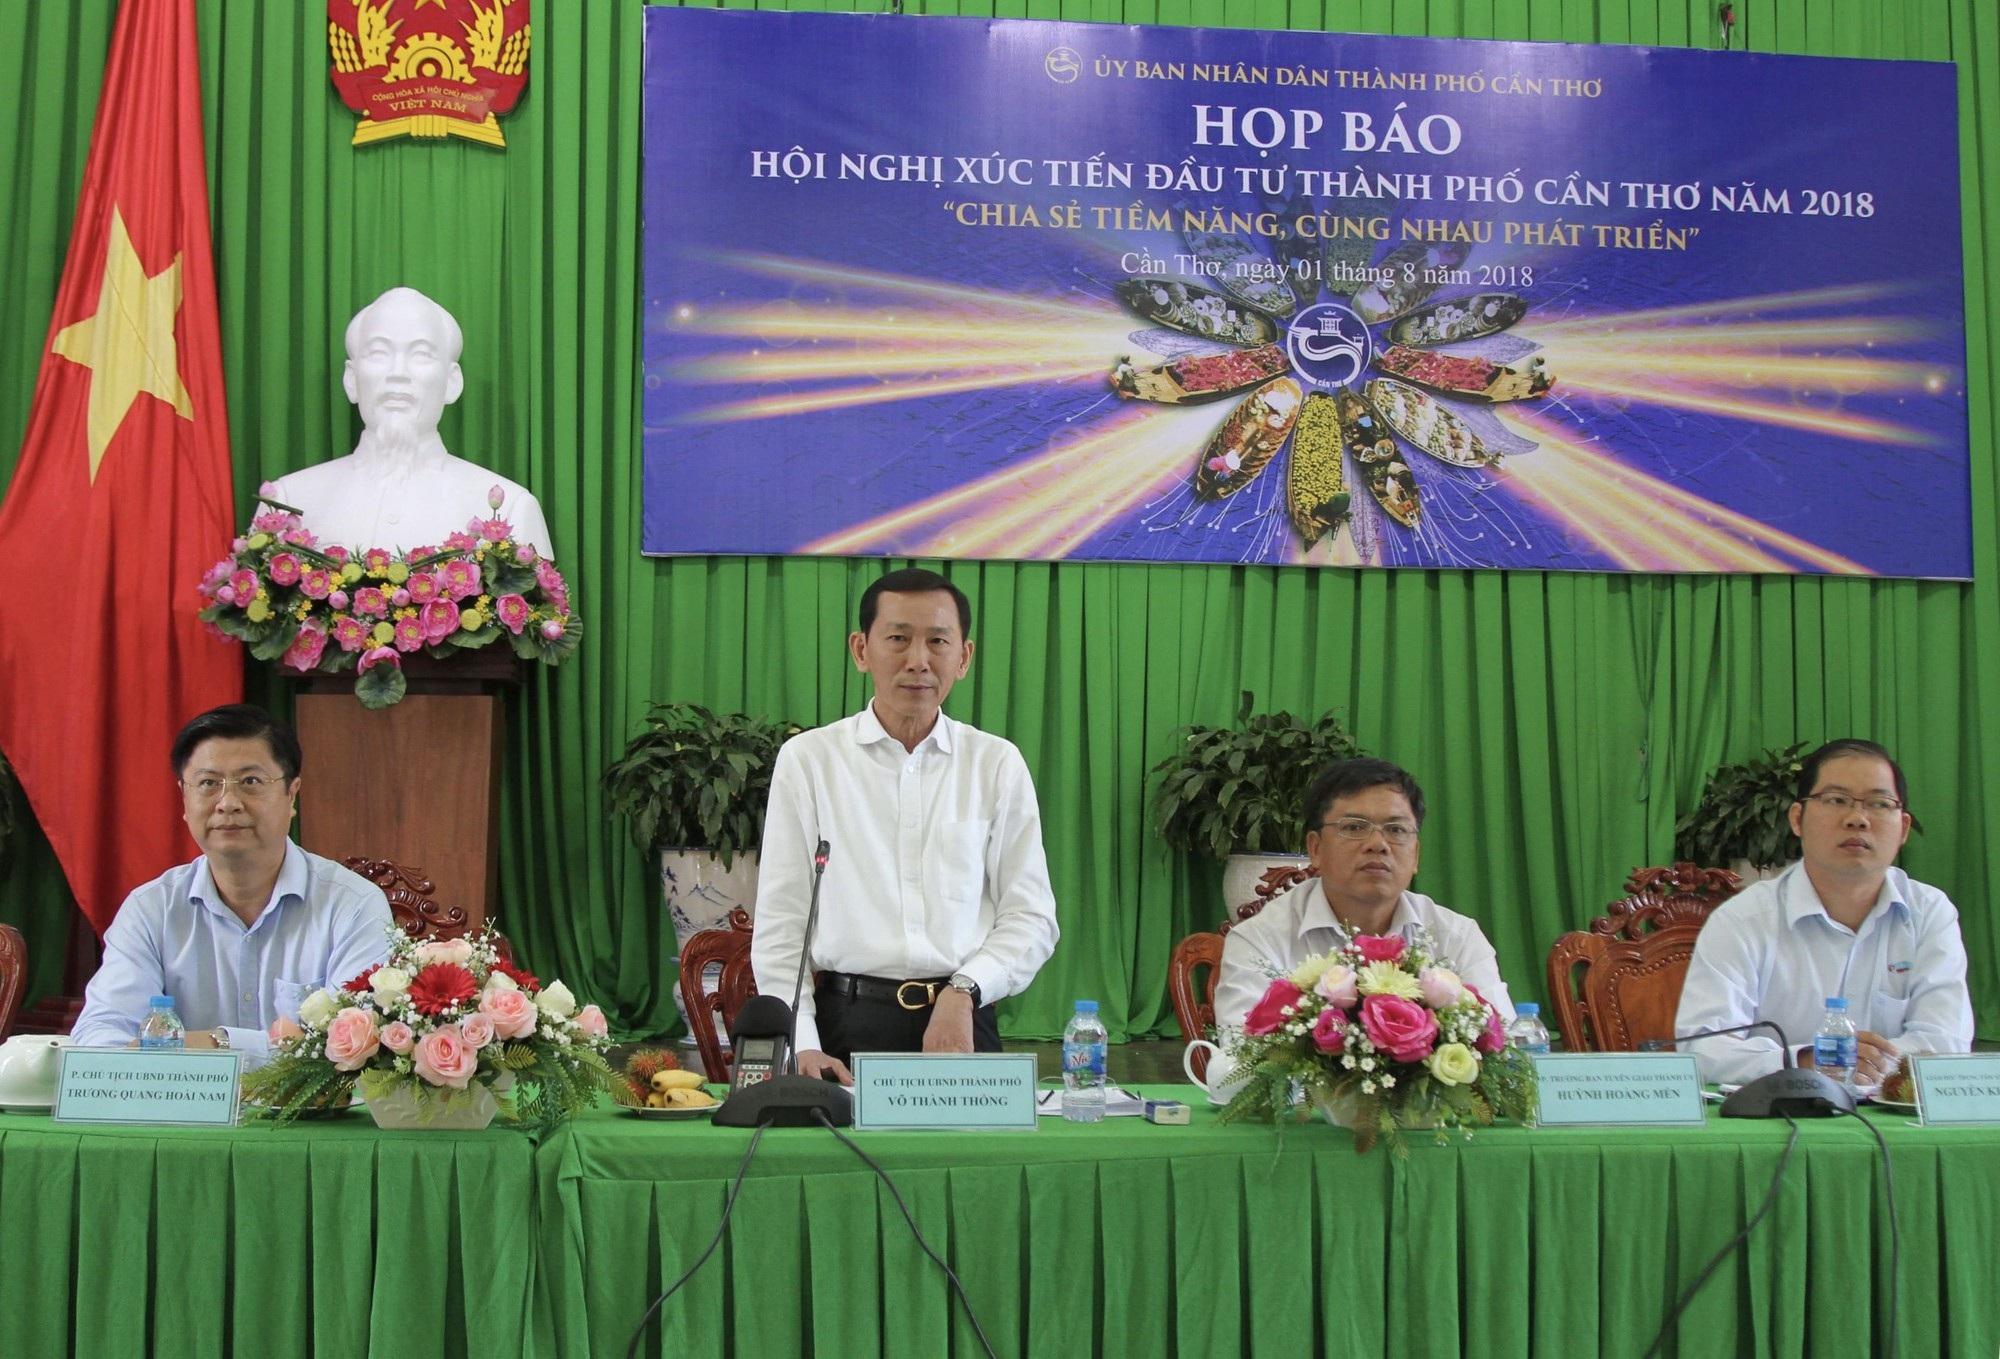 Ông Võ Thành Thông – Chủ tịch UBND TP Cần Thơ trao đổi tại buổi họp báo